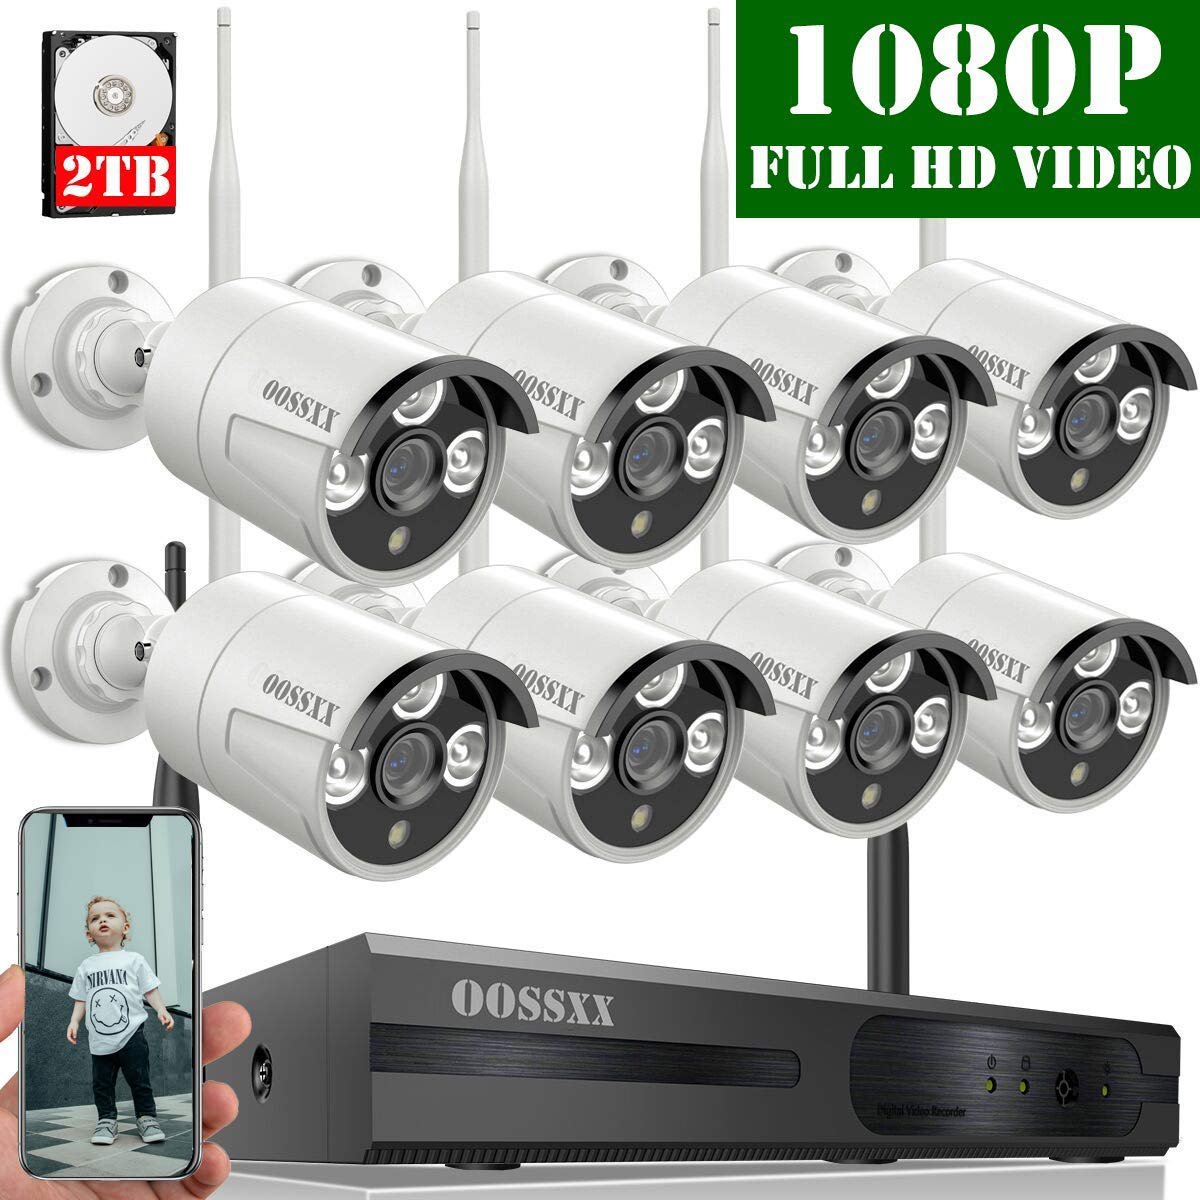 【2020 Nuevo】Sistema de Cámara de Video Seguridad, 8 Canal 1080P NVR Kit de Videovigilancia CCTV, 8 1080P IP Cámaras de Vigilancia WiFi Exterior, Remoto Control de Seguridad Inalámbrico, 2TB Disco Duro